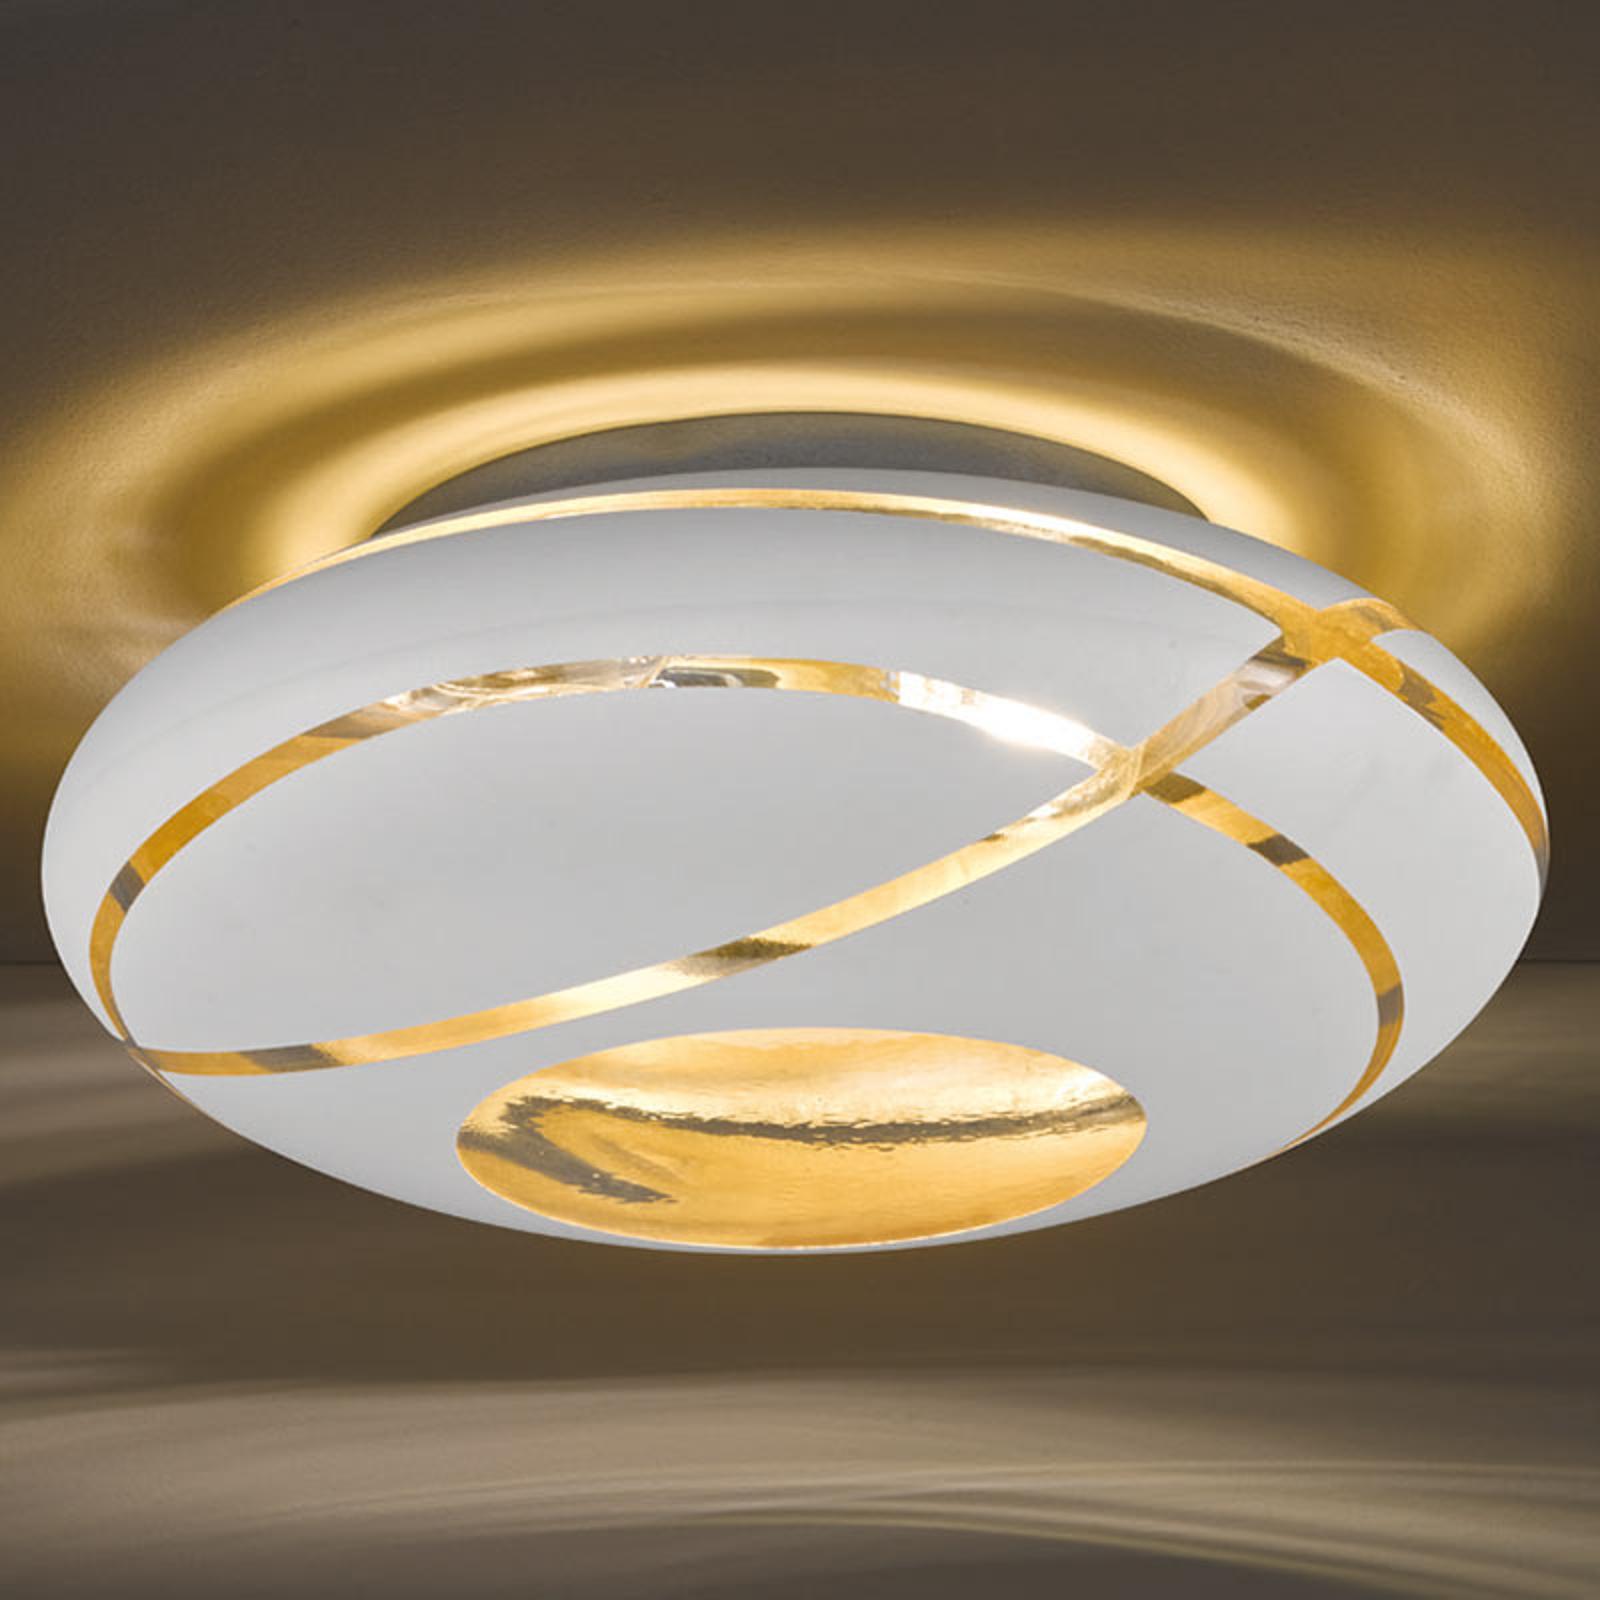 Szklana lampa sufitowa Farona ze złotym wnętrzem